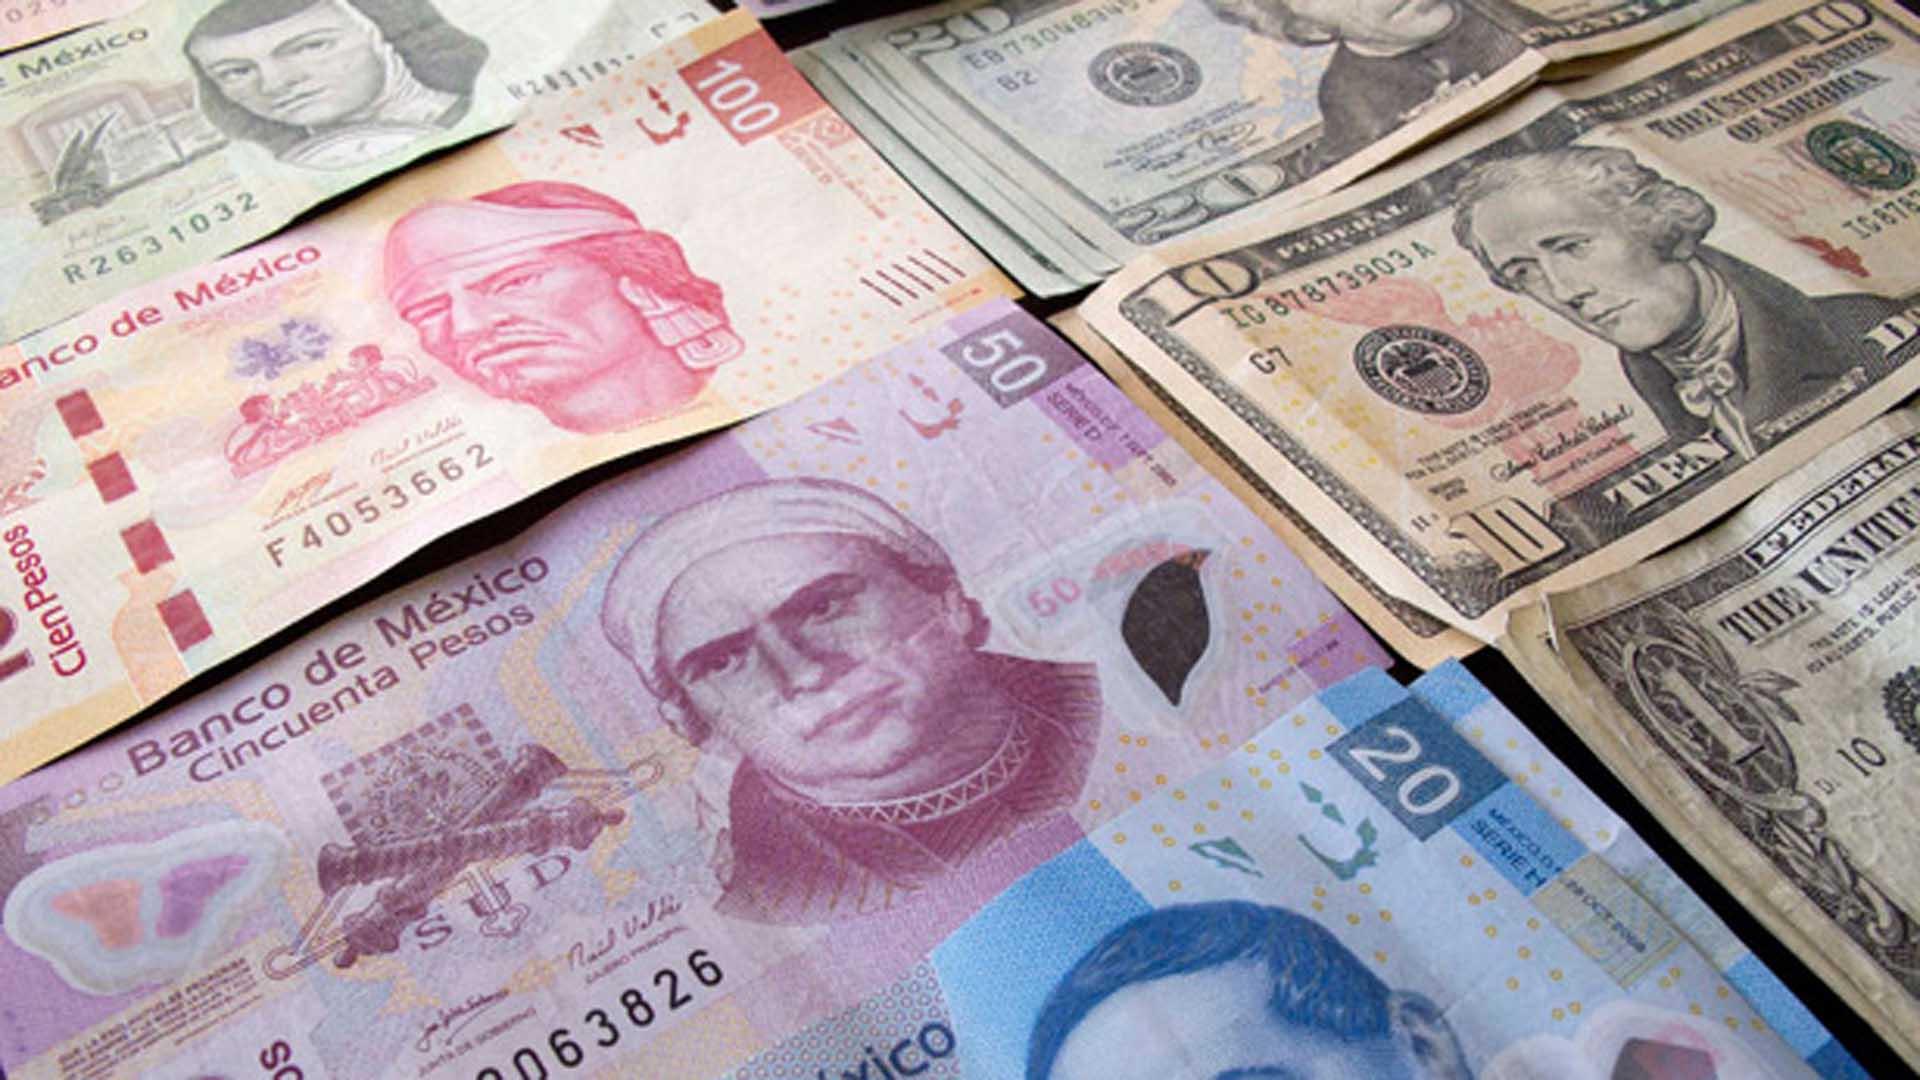 Pueblando_Ando_Beneficios_Dólar_Devaluación_1